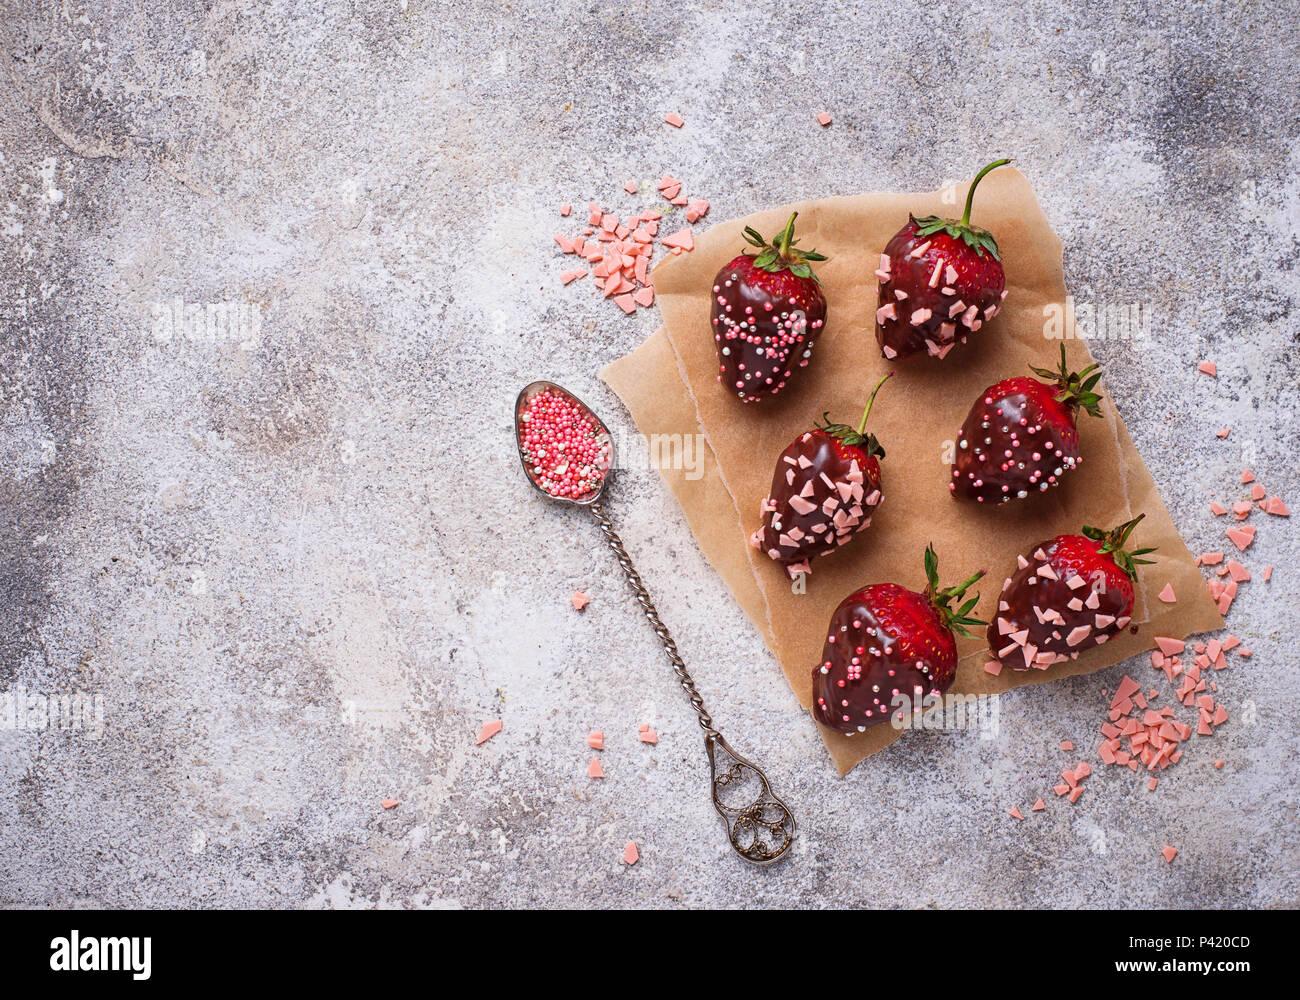 Fresa en chocolate, delicioso postre Imagen De Stock